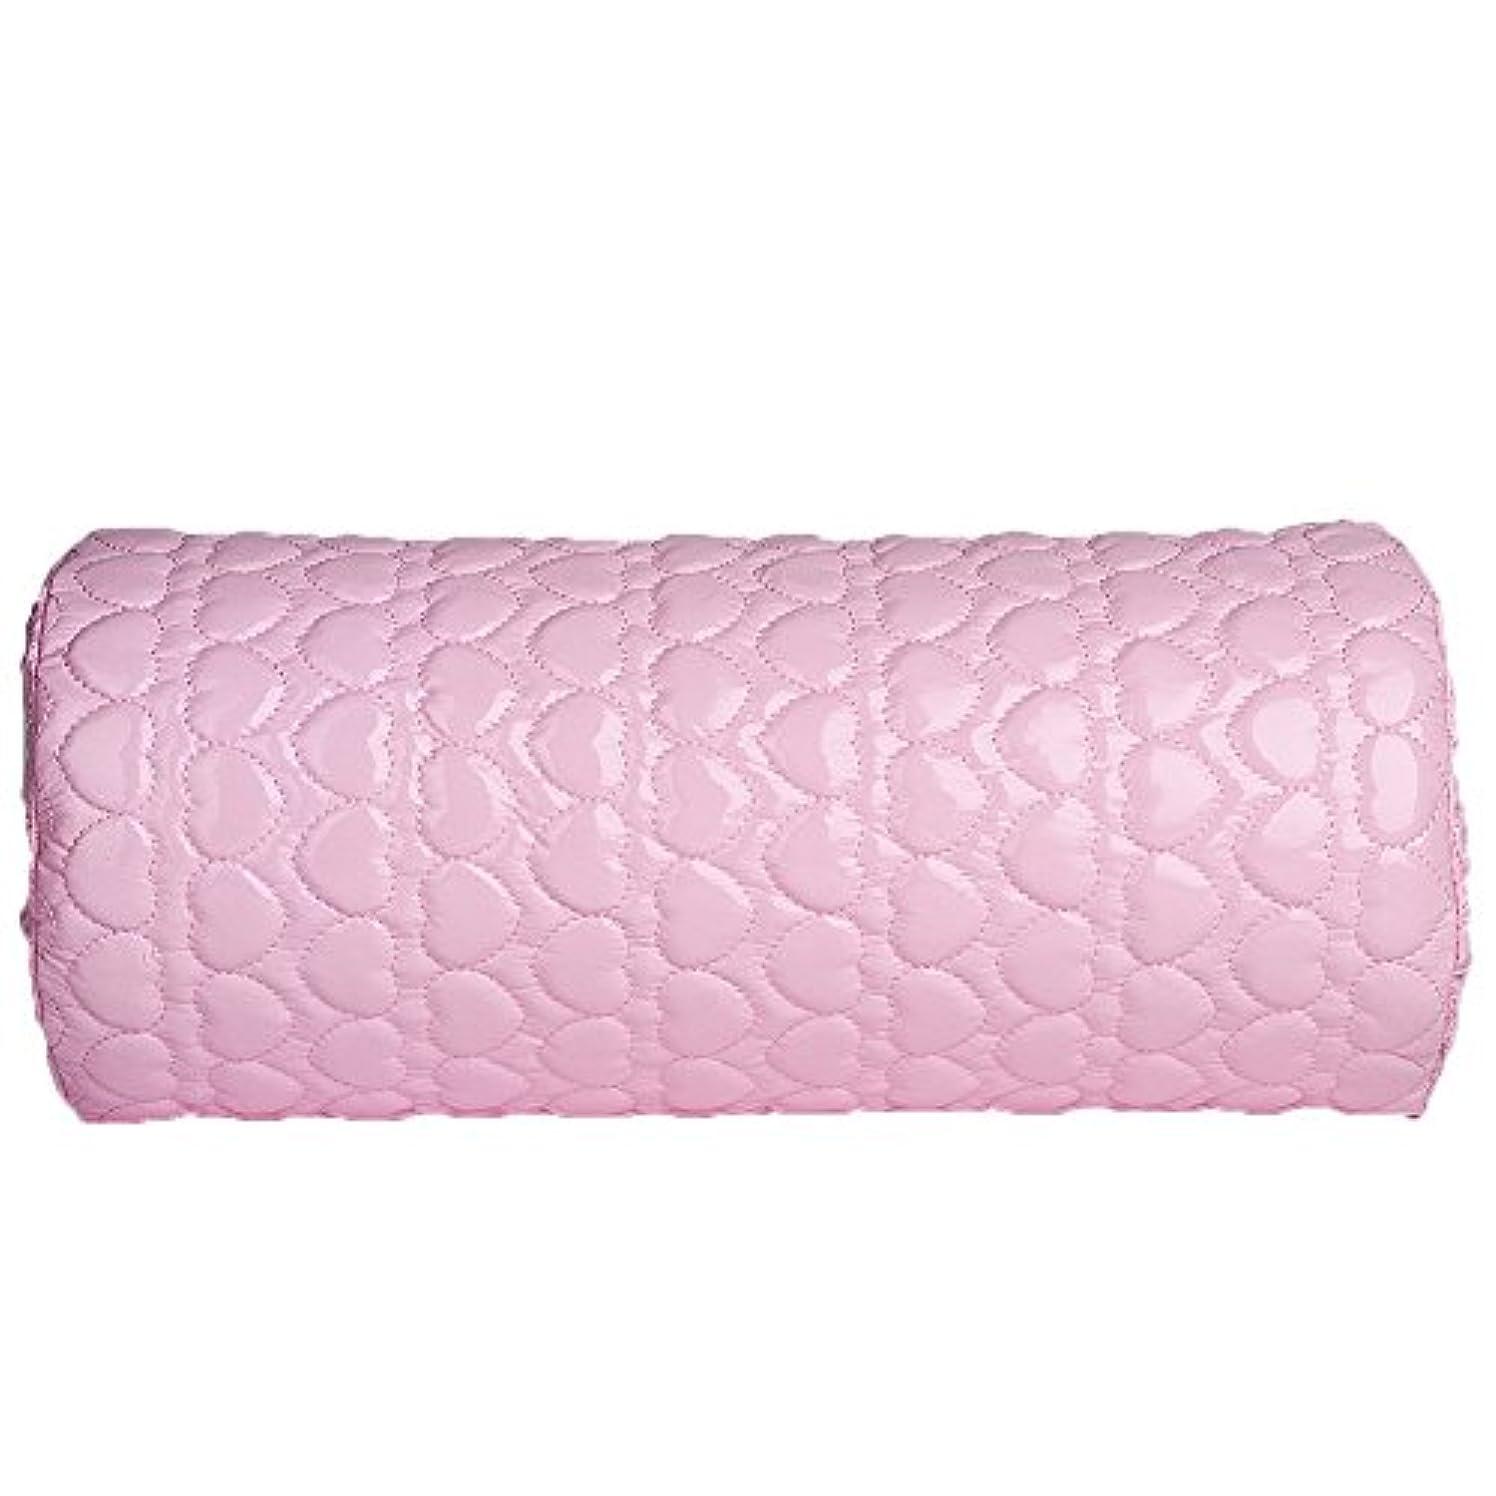 ペルメル誓い心からTerGOOSE ハンドレスト アームレスト ネイル用 ハンドピロー PUレザー 防水 耐汗性 愛の形 半円形 柔らかい ピンク